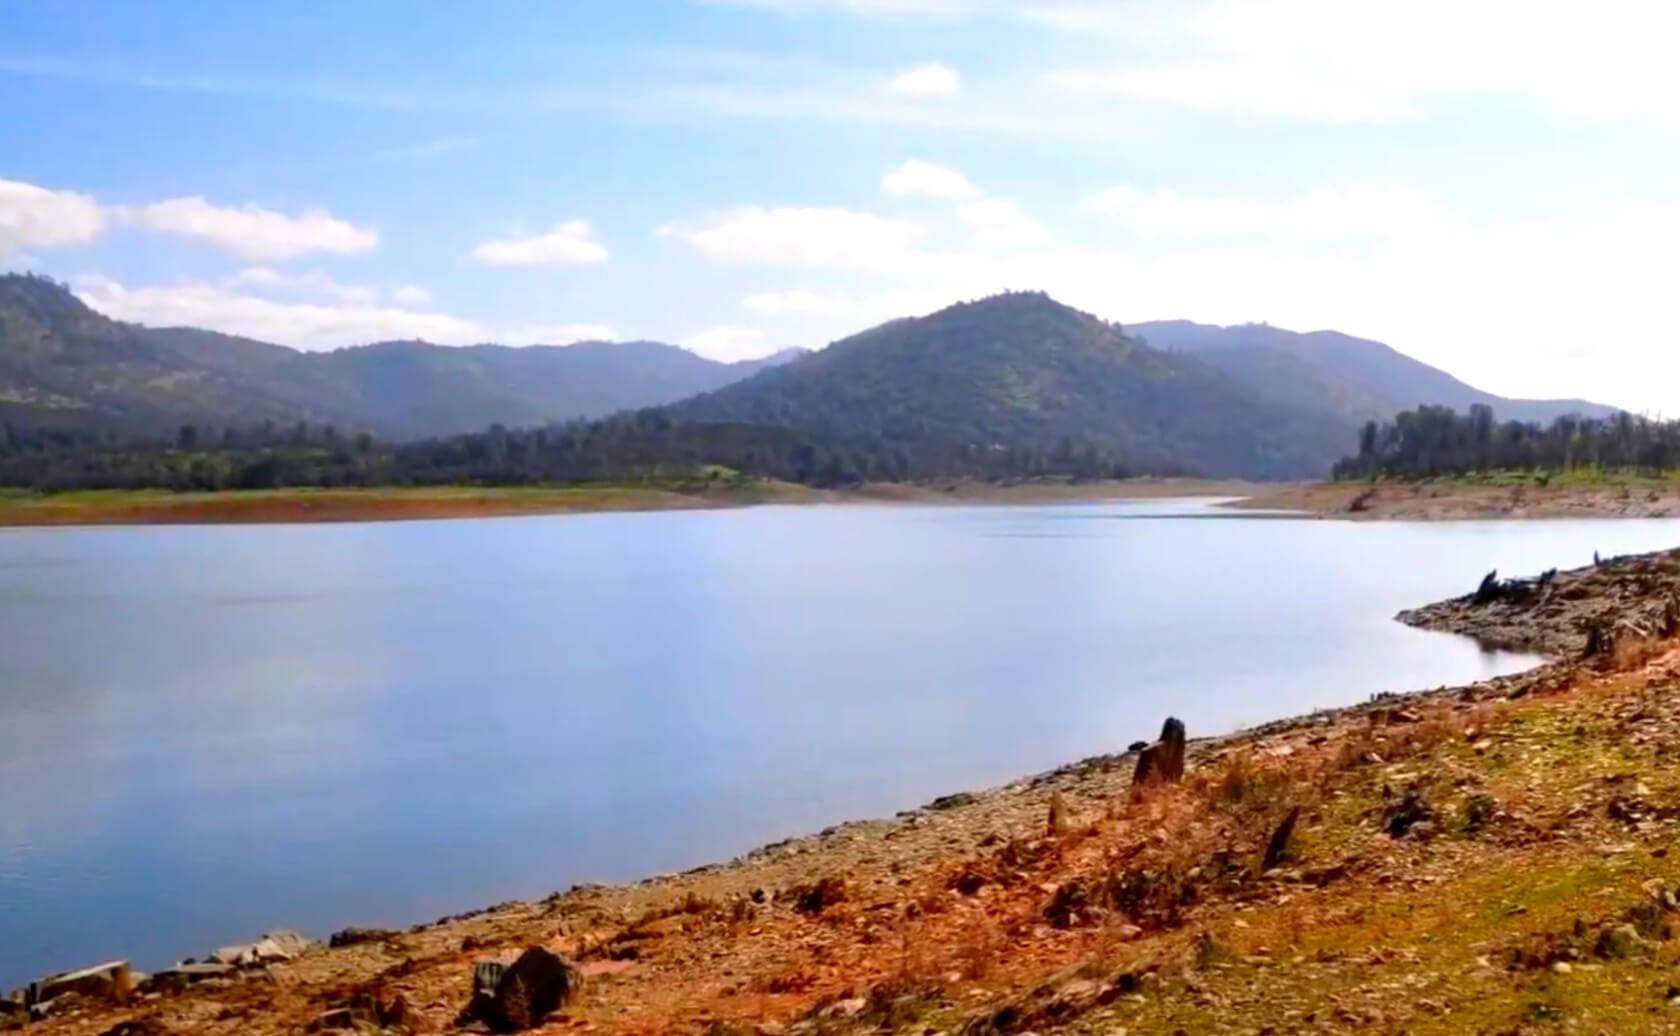 New-Hogan-Lake-Fishing-Guide-Report-California-04